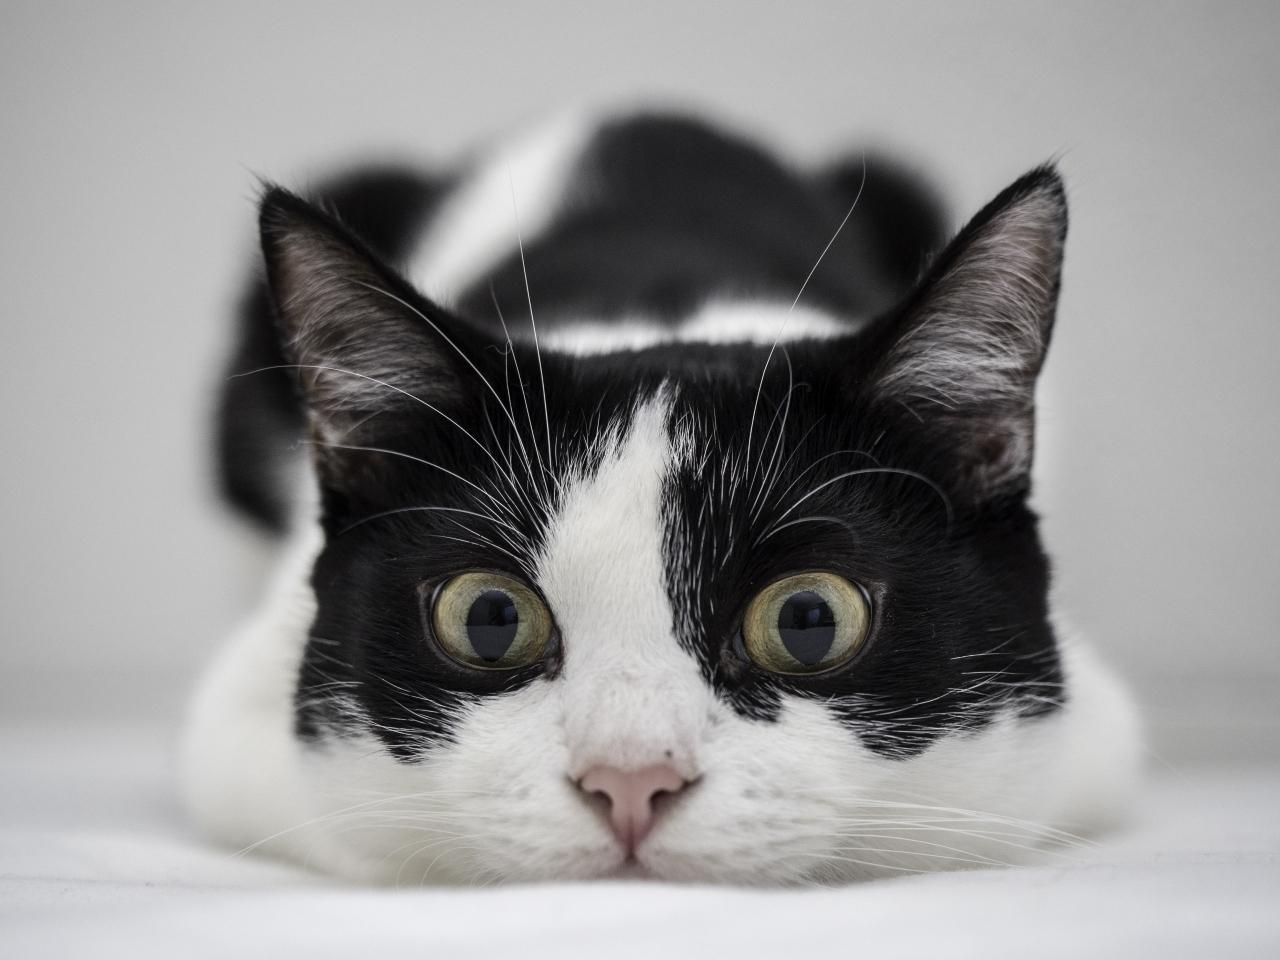 Un gato blanco y negro - 1280x960